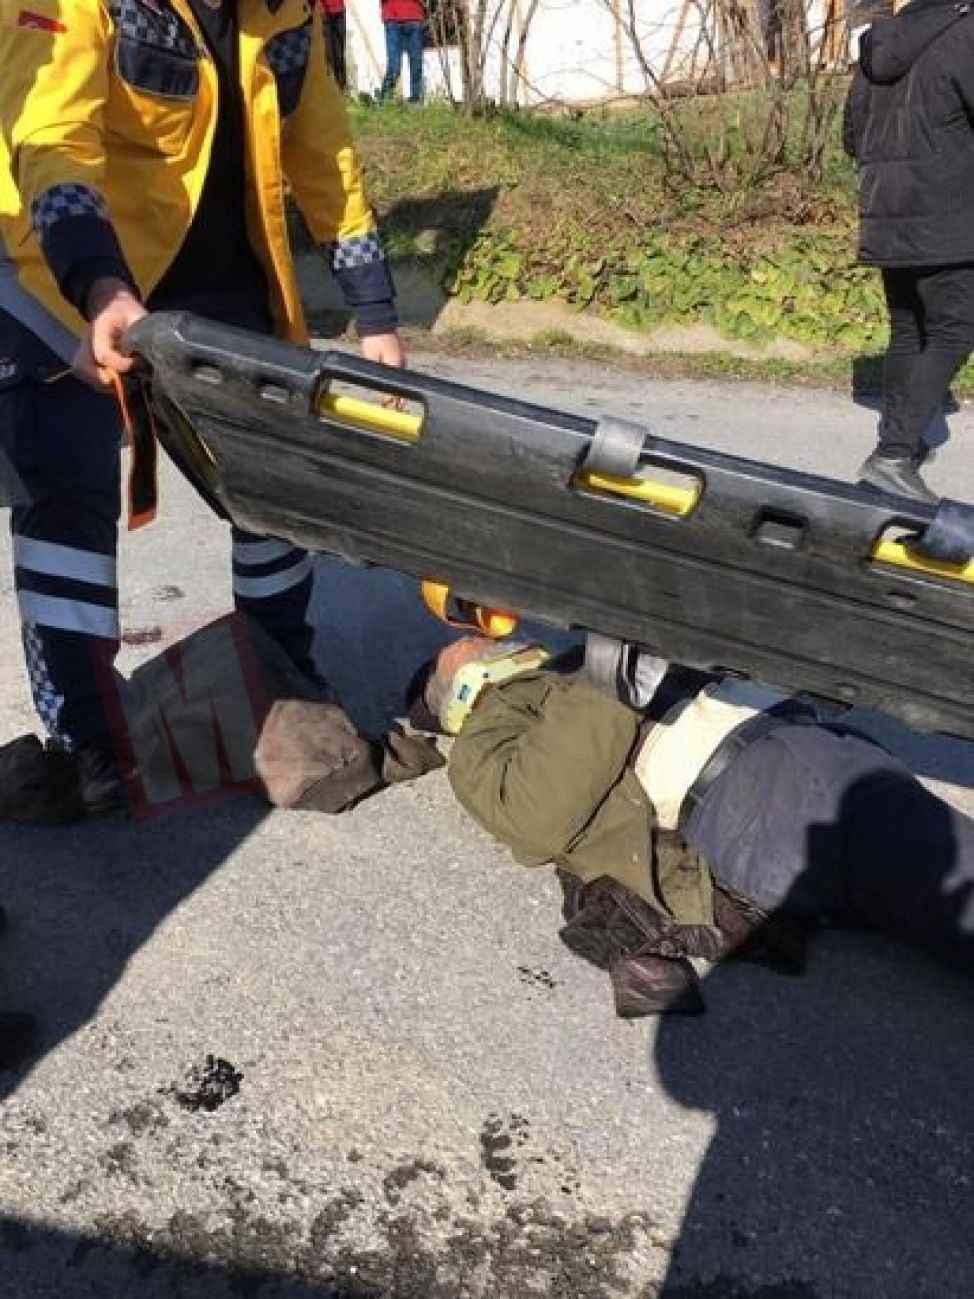 Akyazı'da patpat kazası:1 yaralı